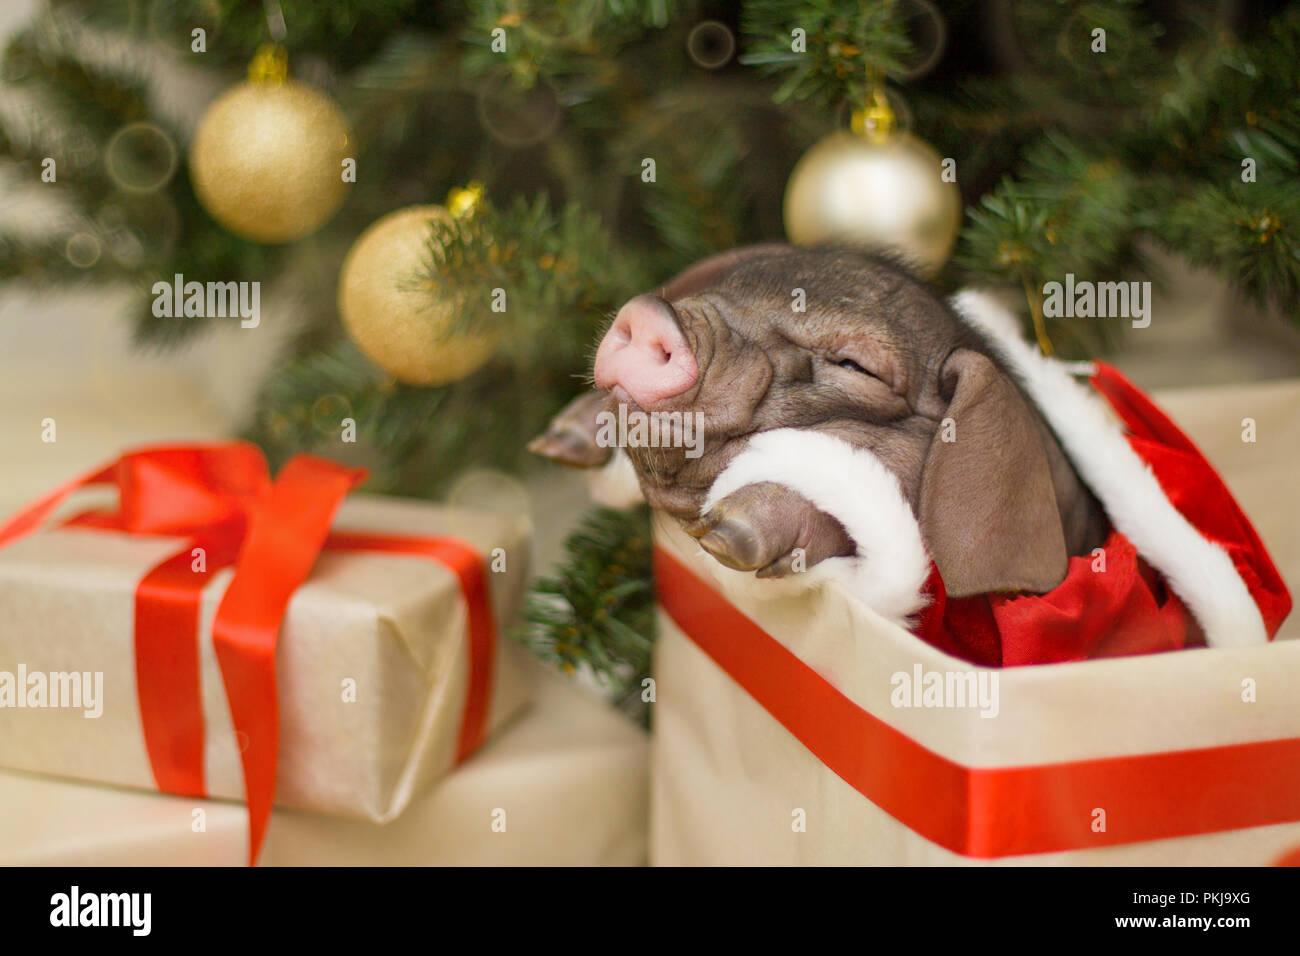 Weihnachten und Neujahr Karte mit niedlichen Neugeborenen santa ...